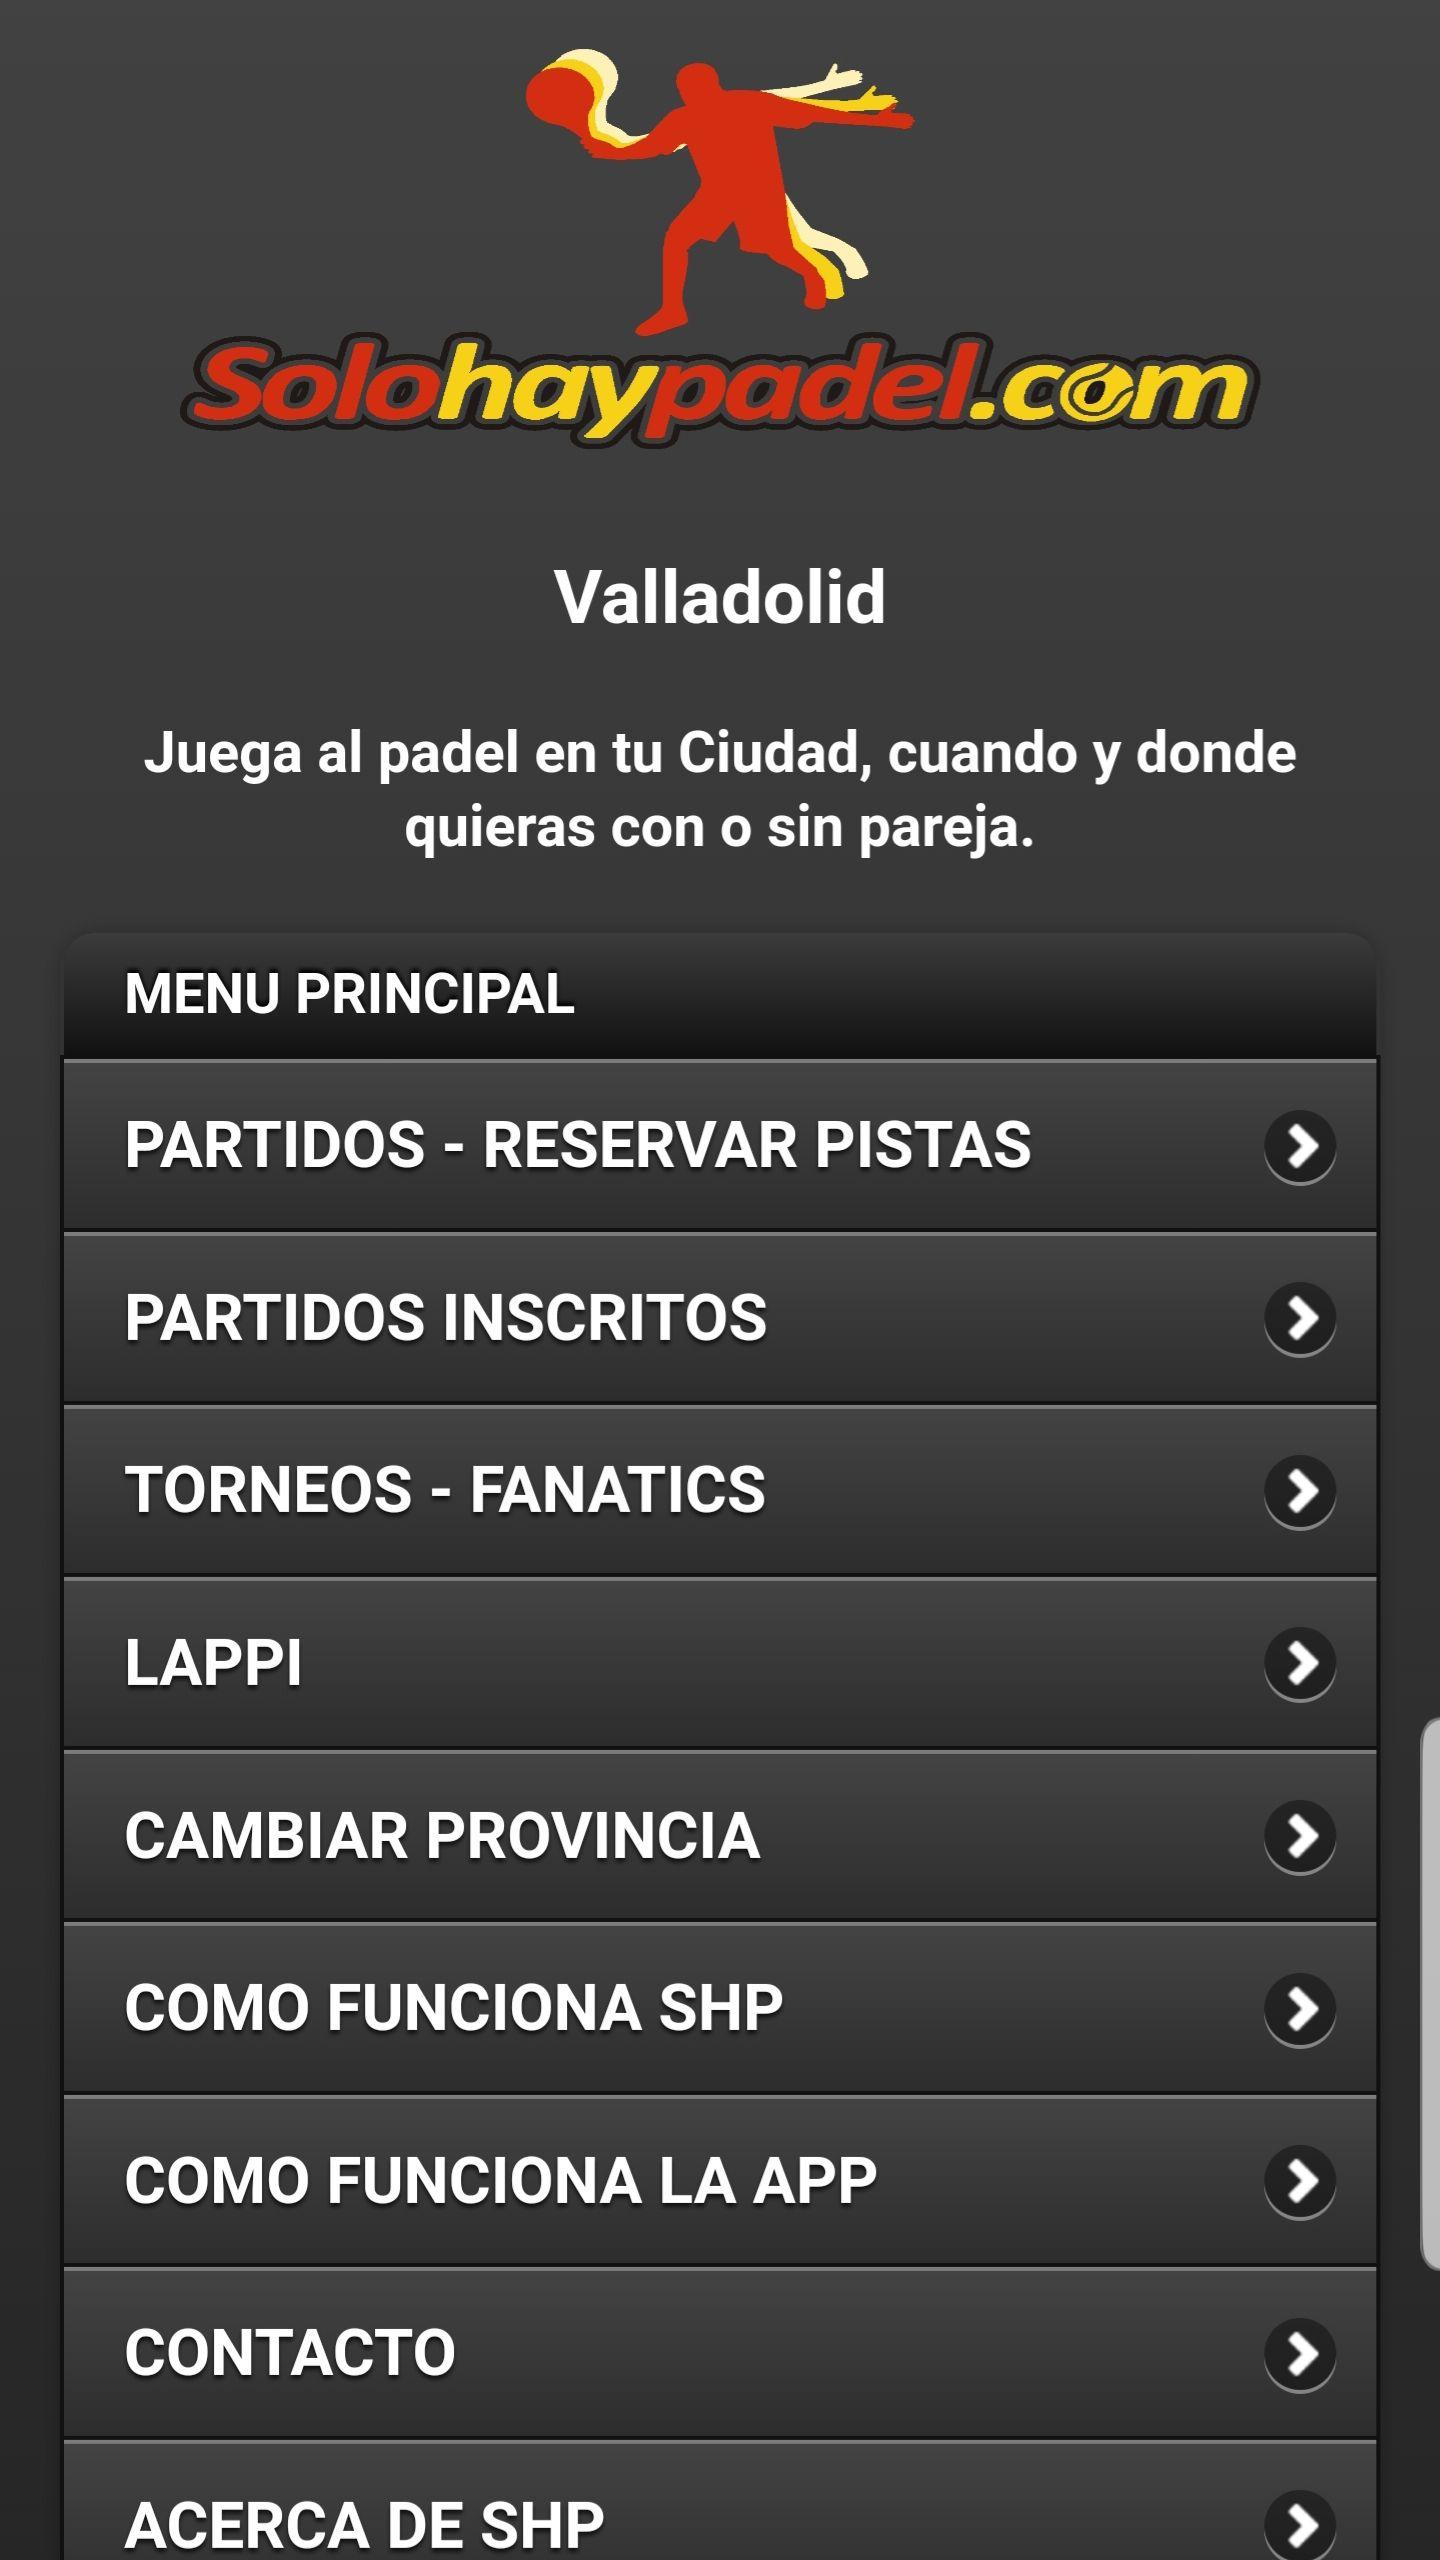 Pádel gratis (Valladolid)